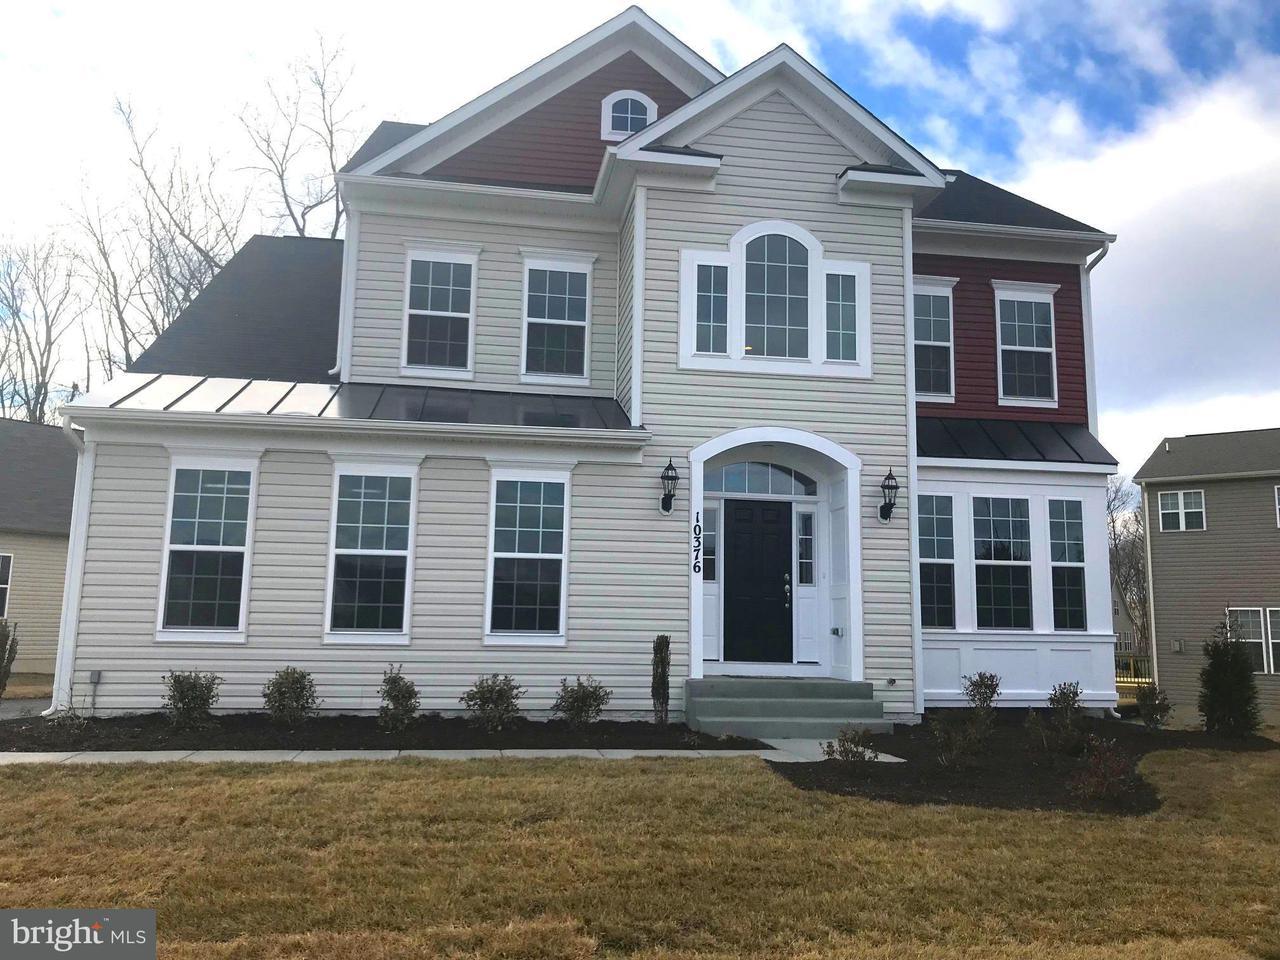 Частный односемейный дом для того Продажа на 10376 Twin Leaf Drive 10376 Twin Leaf Drive Bristow, Виргиния 20136 Соединенные Штаты